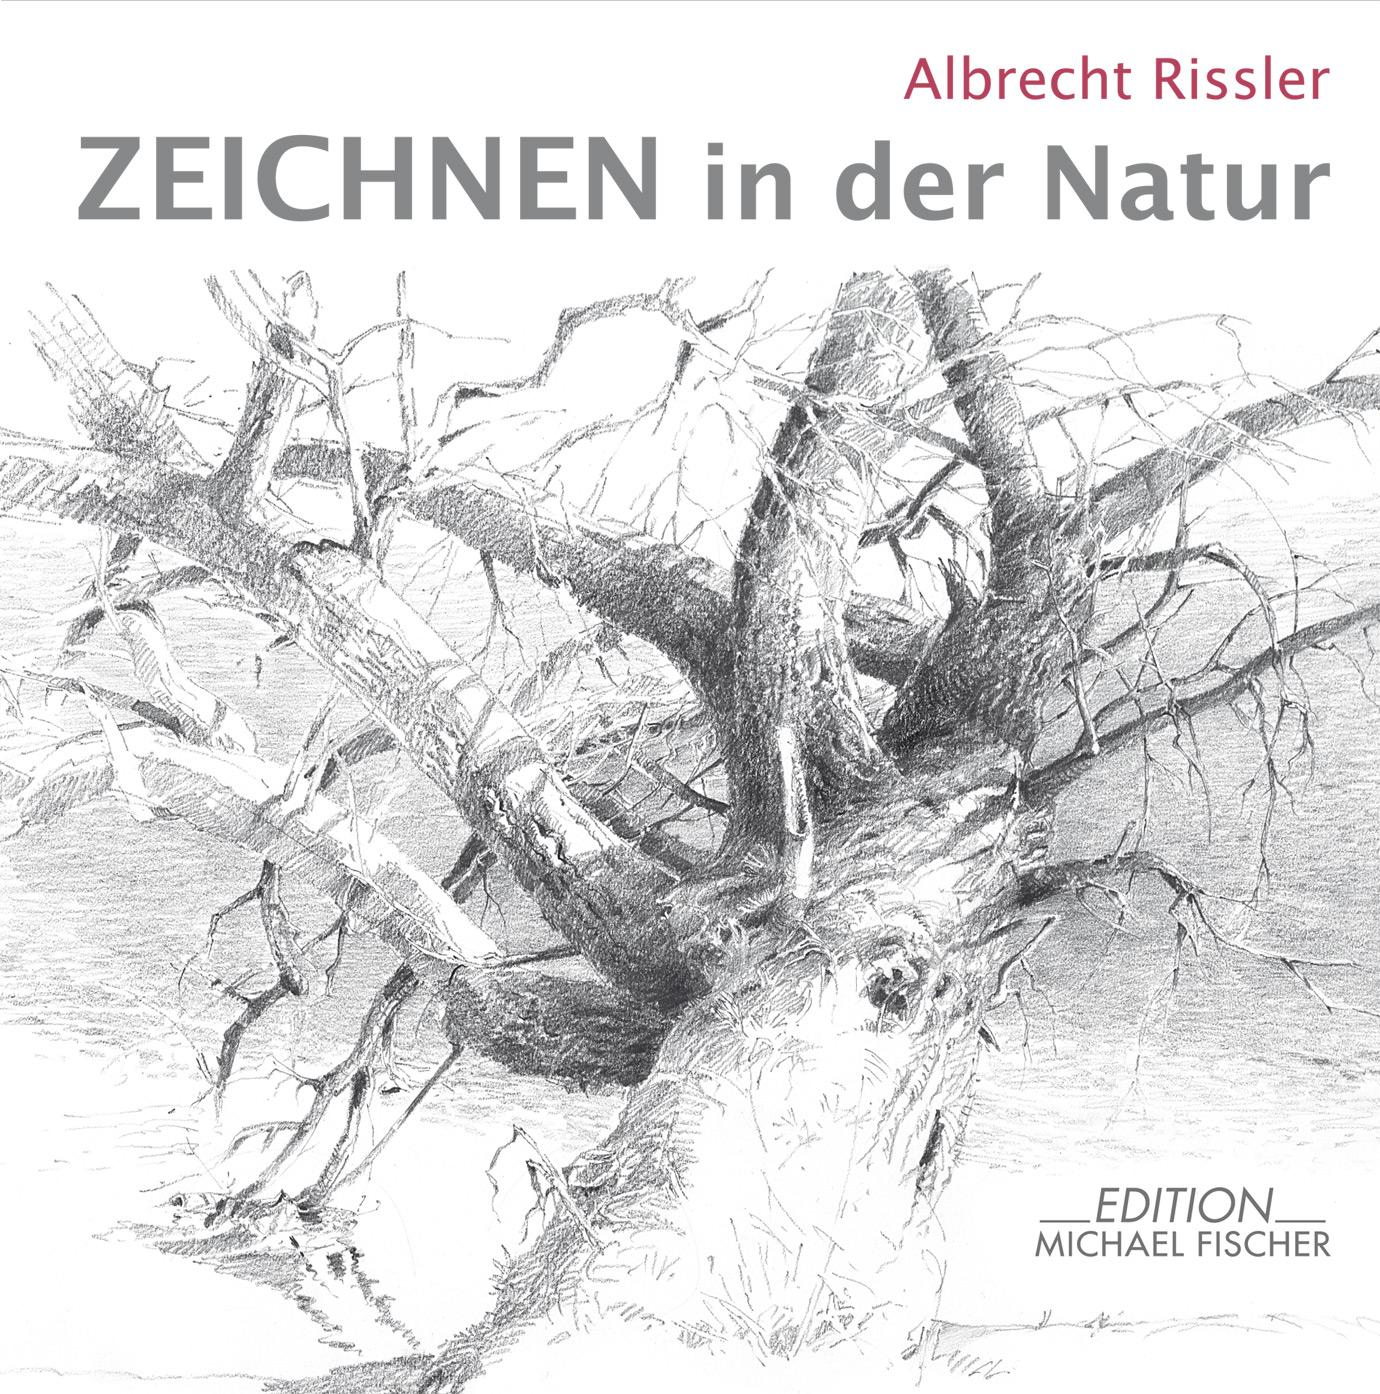 Zeichnen in der Natur - Albrecht Rissler